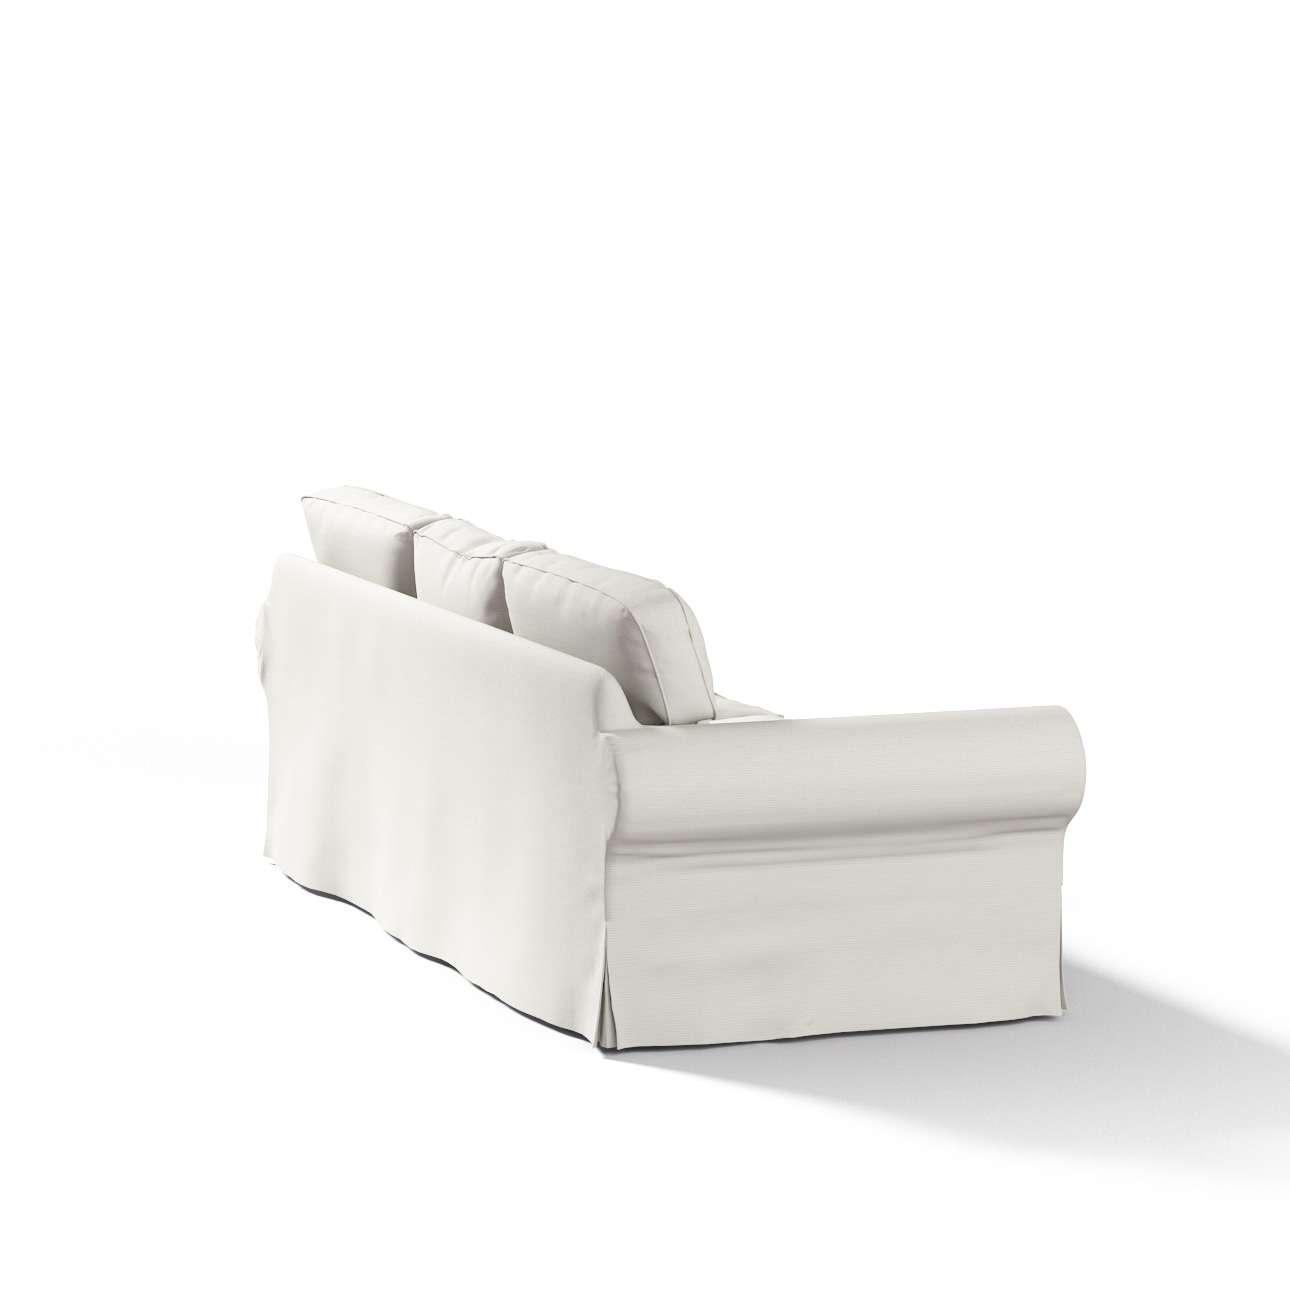 Pokrowiec na sofę Ektorp 3-osobową, nierozkładaną Sofa Ektorp 3-osobowa w kolekcji Cotton Panama, tkanina: 702-31